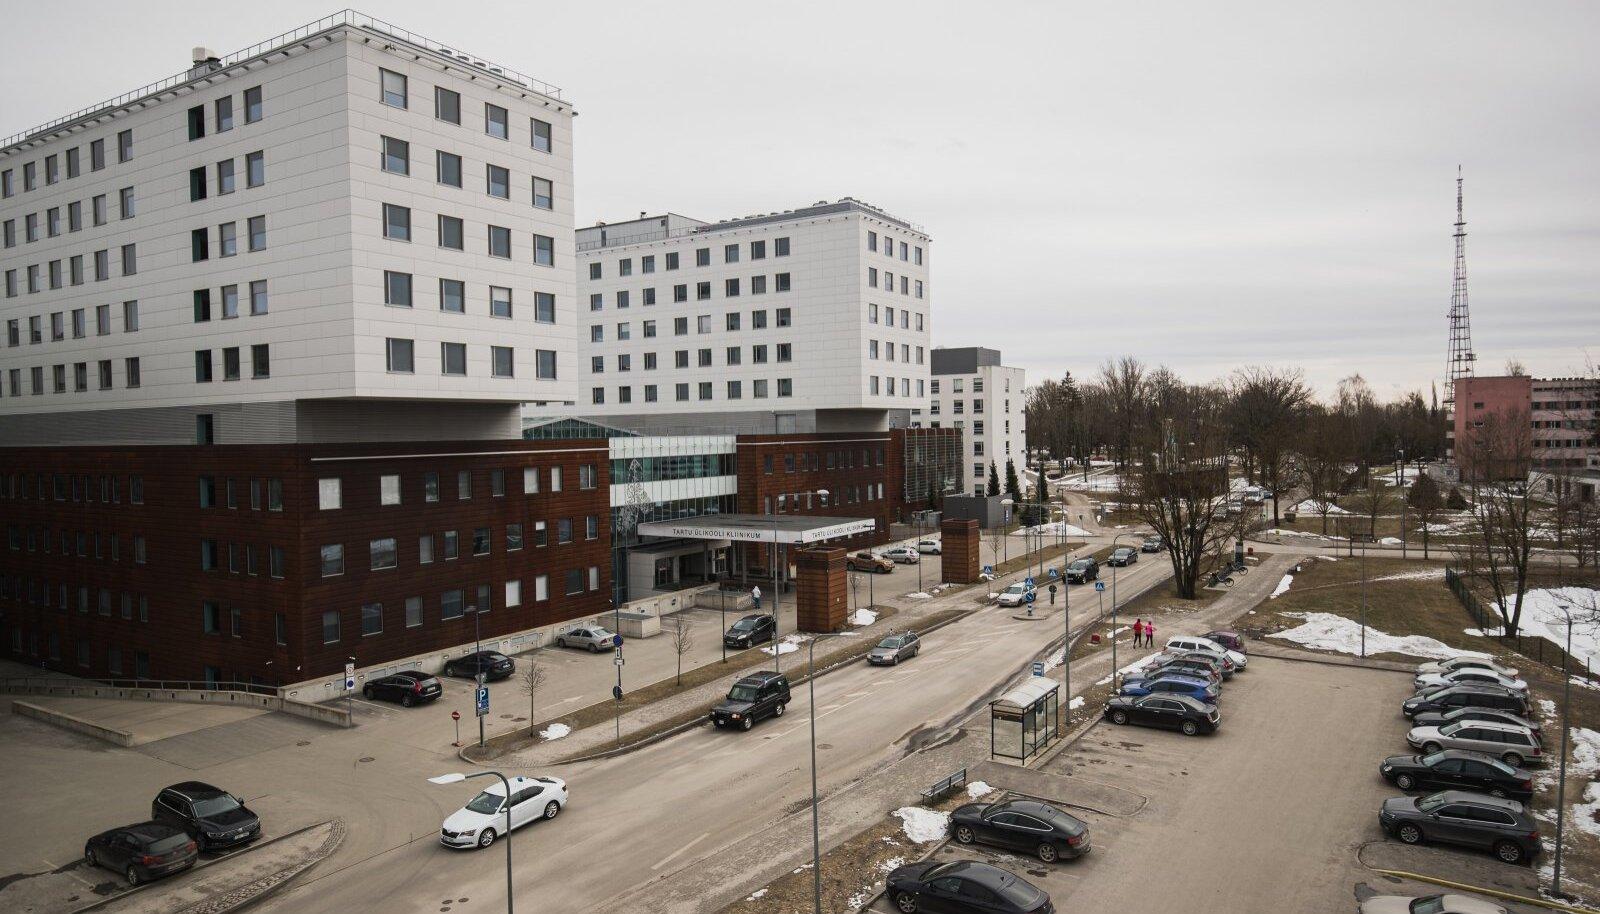 Sõidame Eestimaa vabaks - Tartu